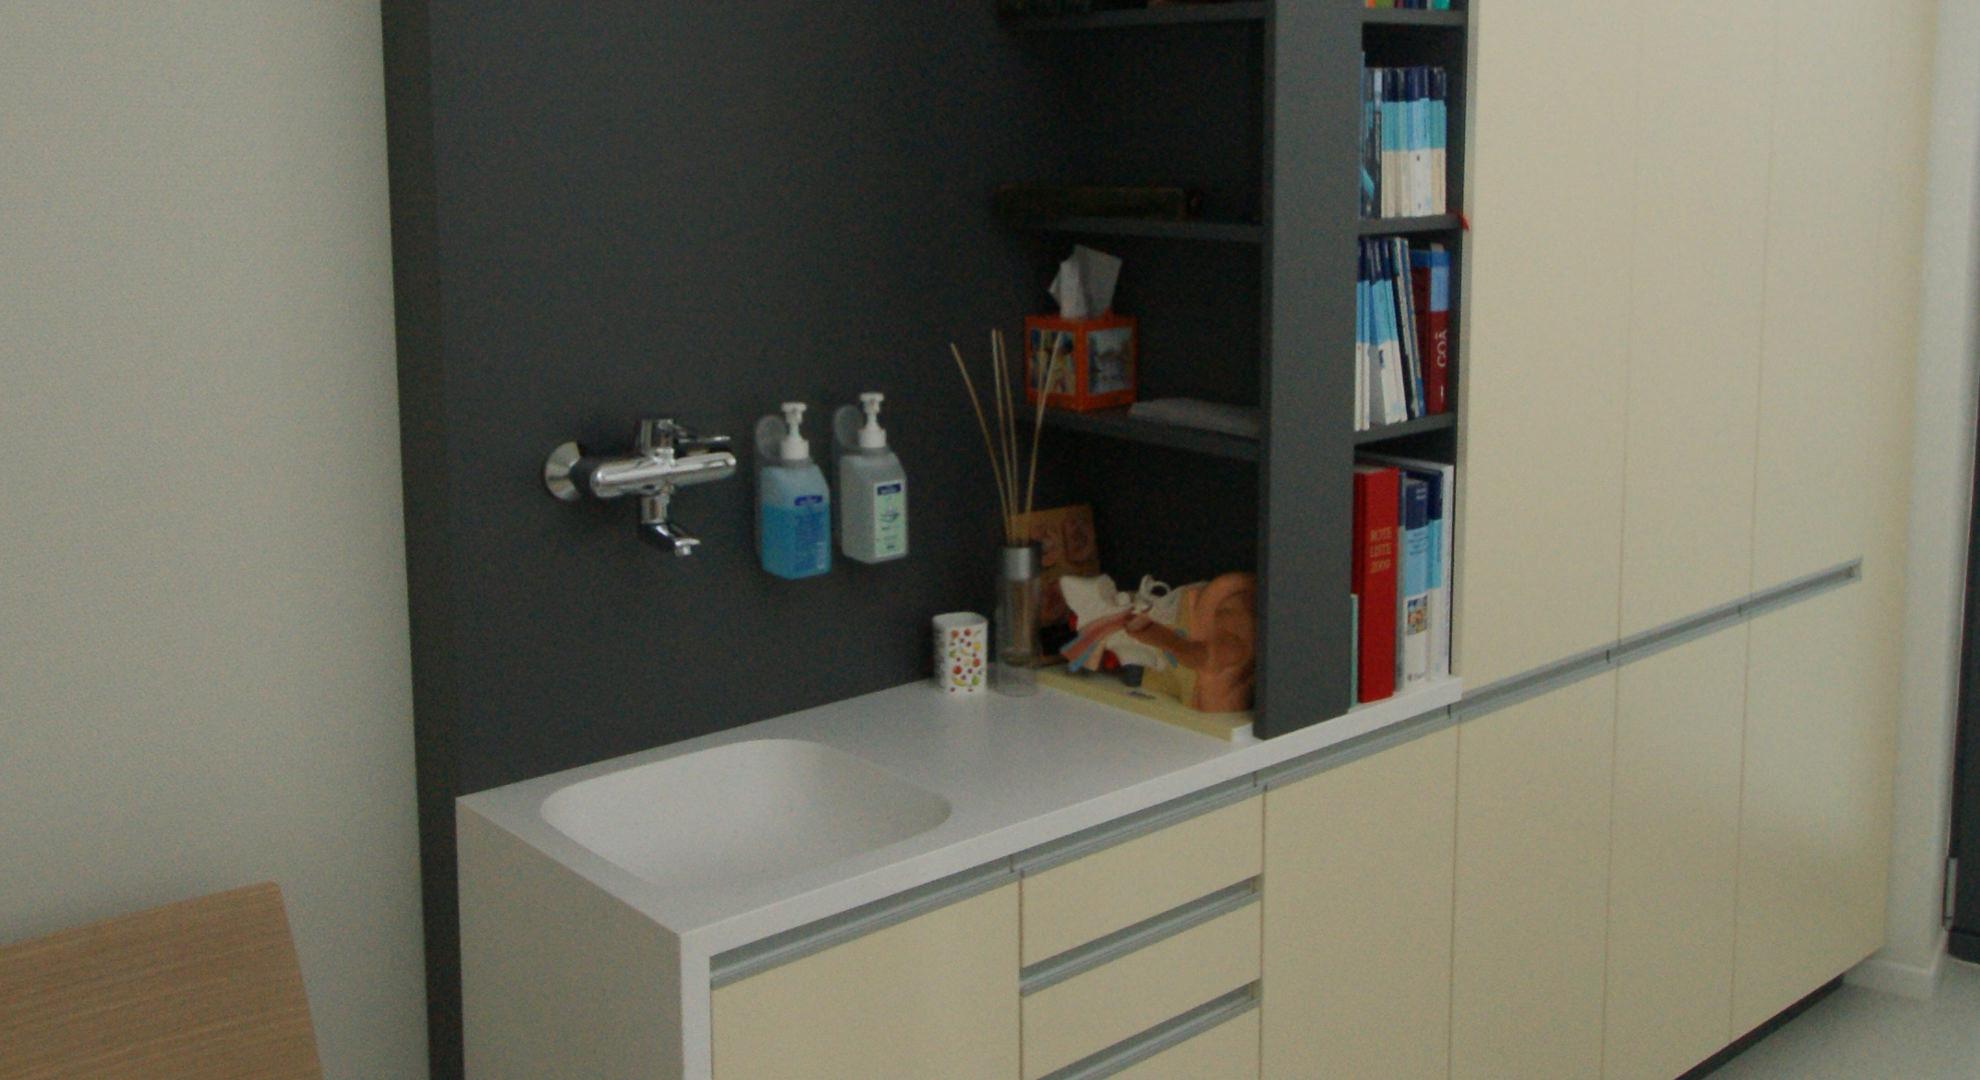 Behandlungszimmer in einer Arztpraxis mit Becken aus Corian